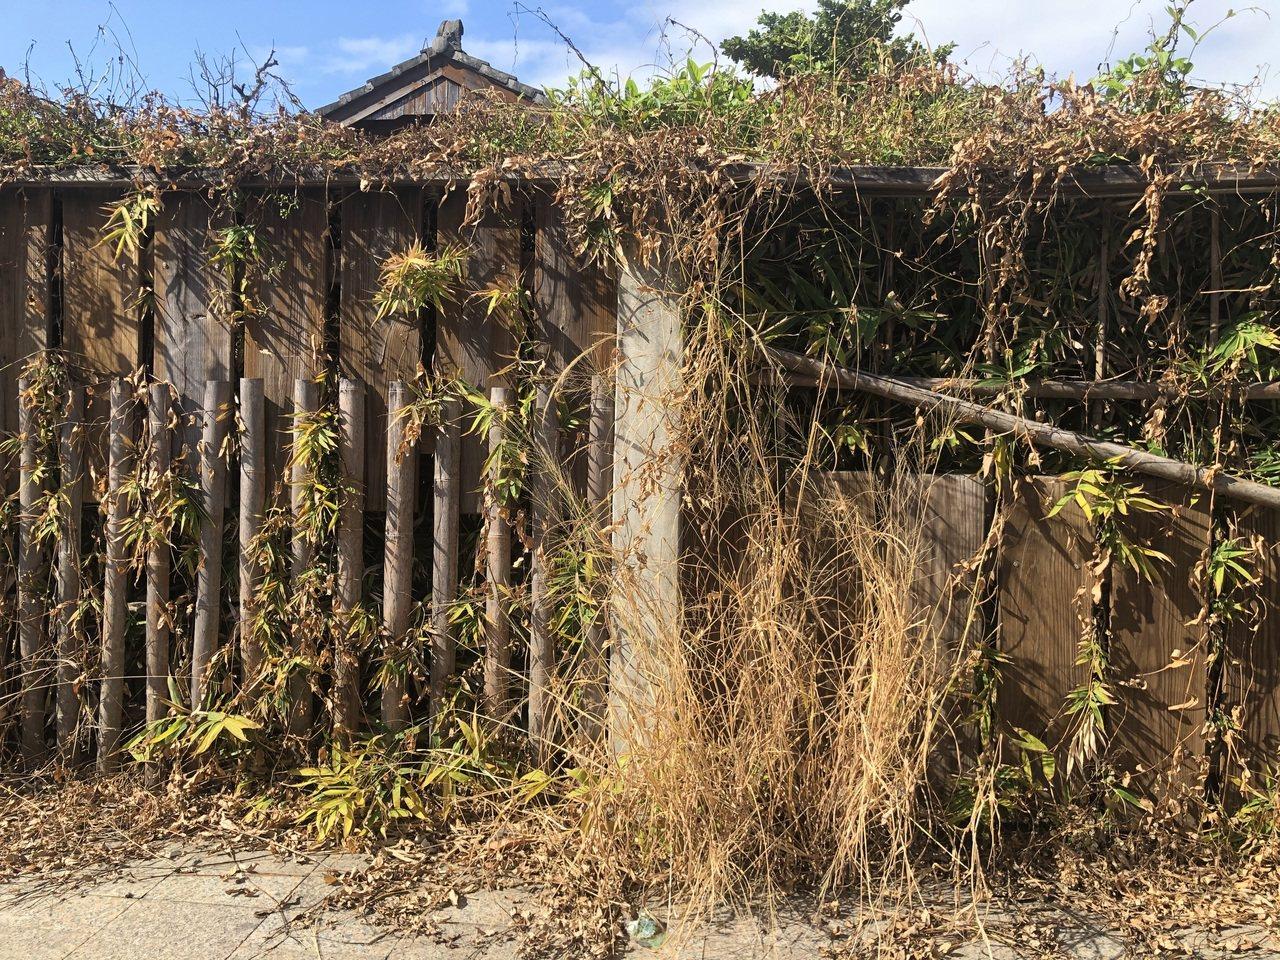 花蓮市文創園區圍籬噴除草劑,導致枯黃一片。圖/花蓮縣議員楊華美提供